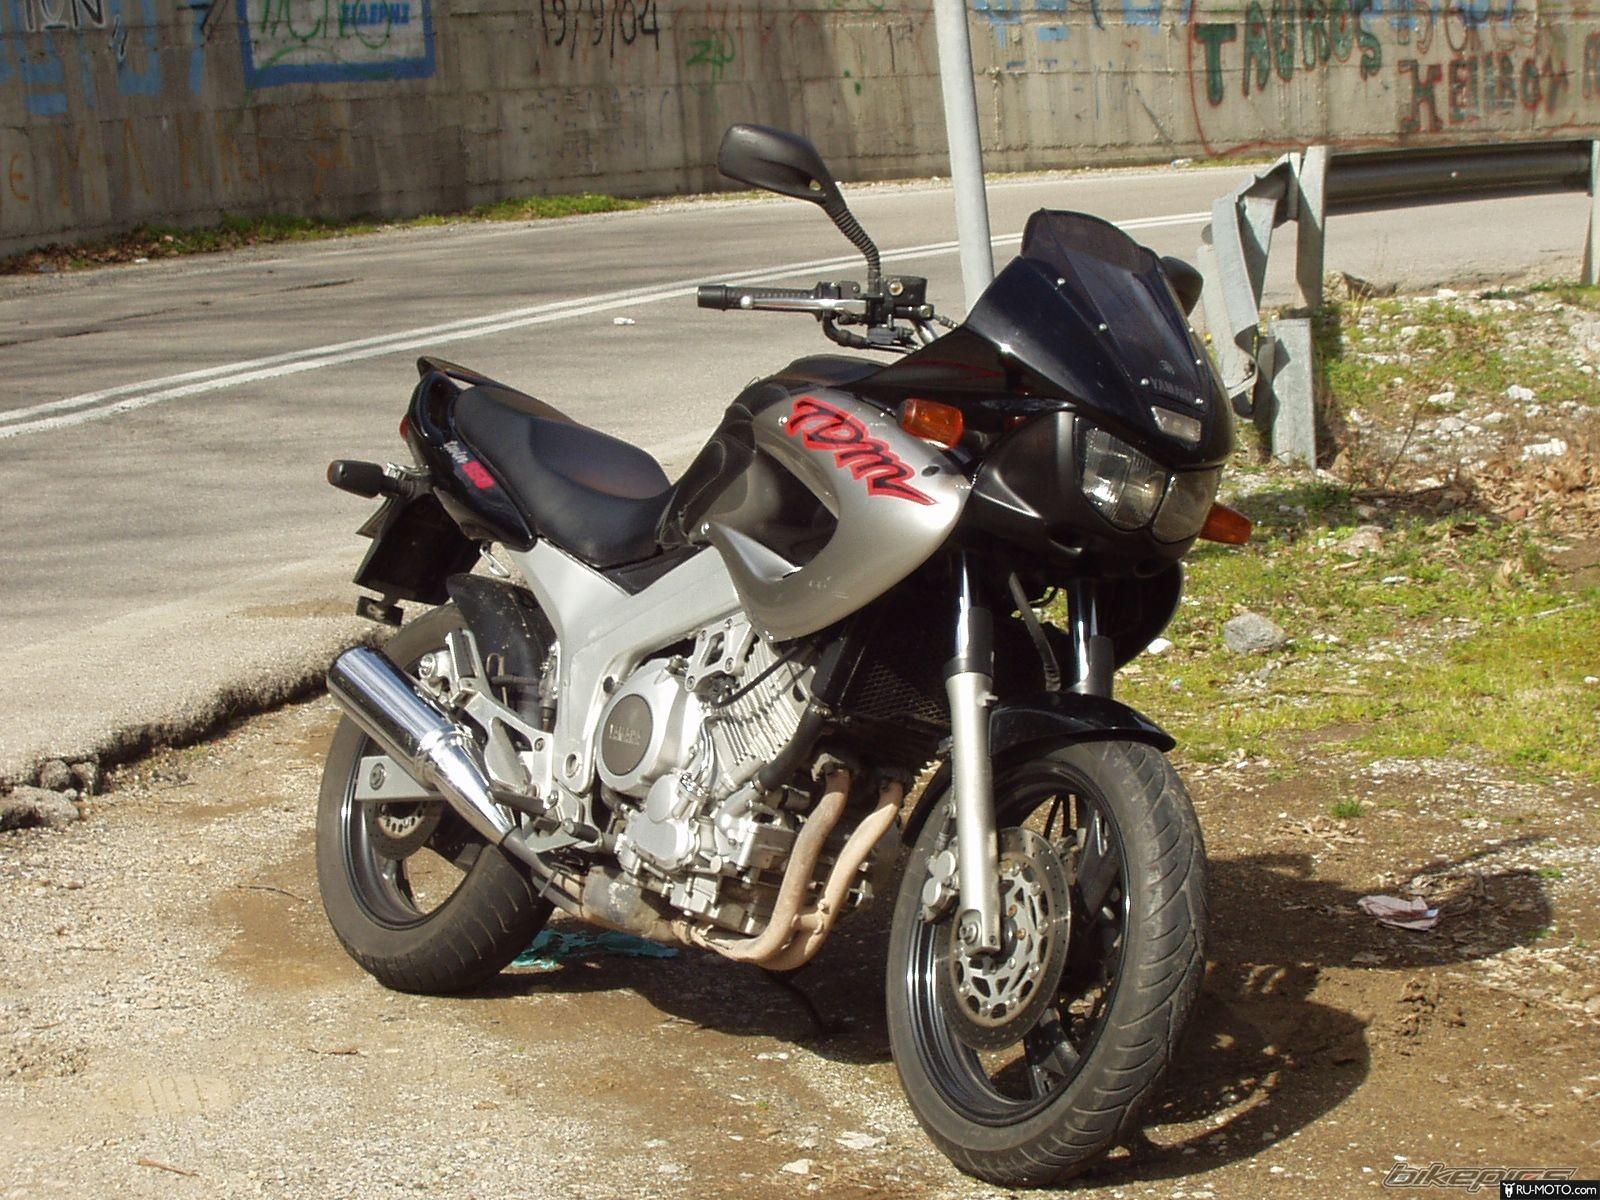 yamaha-tdm-850-photo-5